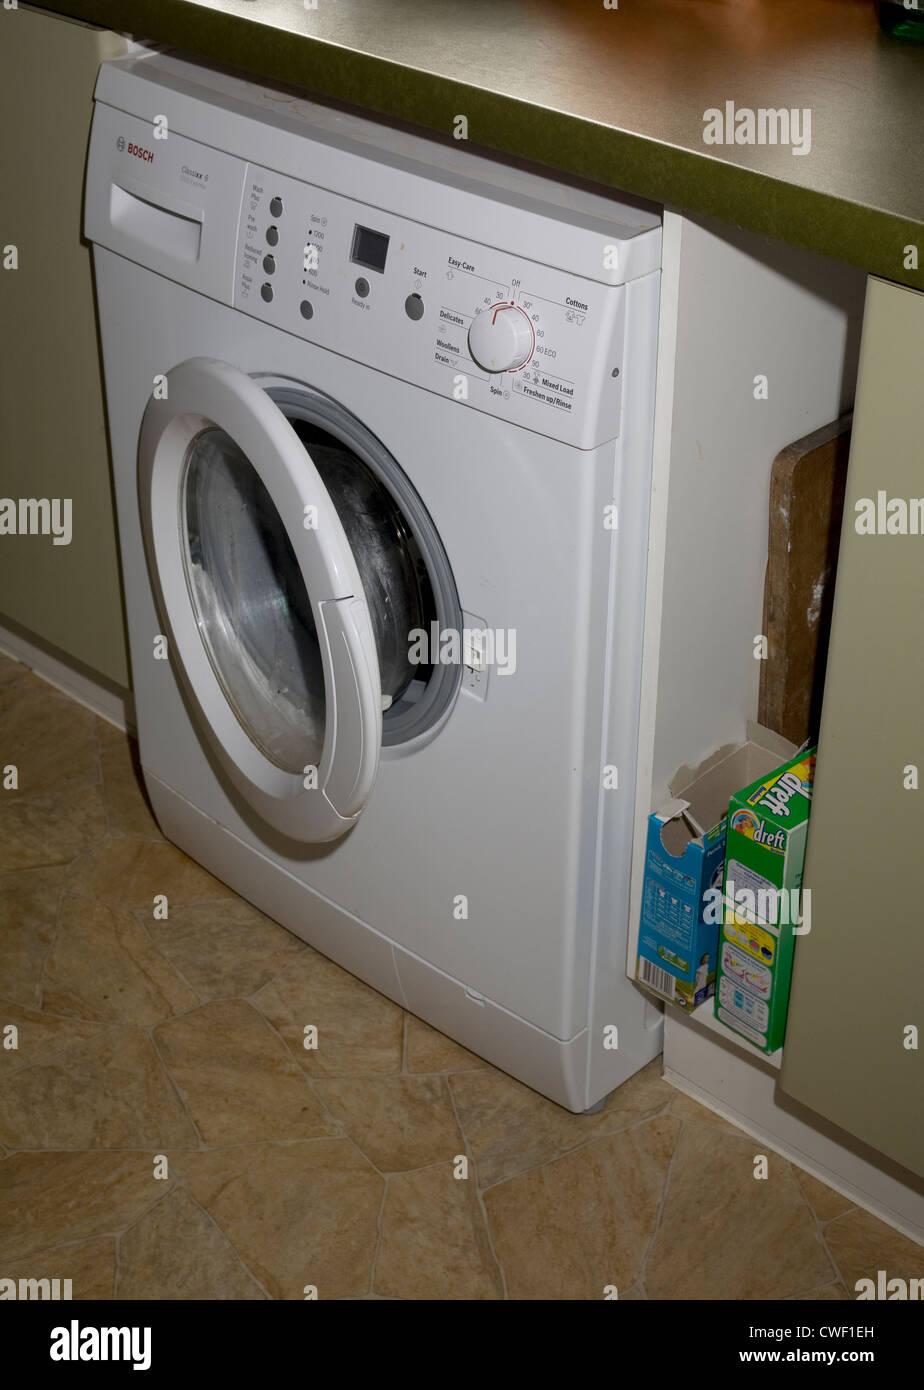 Waschmaschine In Der Küche Verstecken: Ocaccept